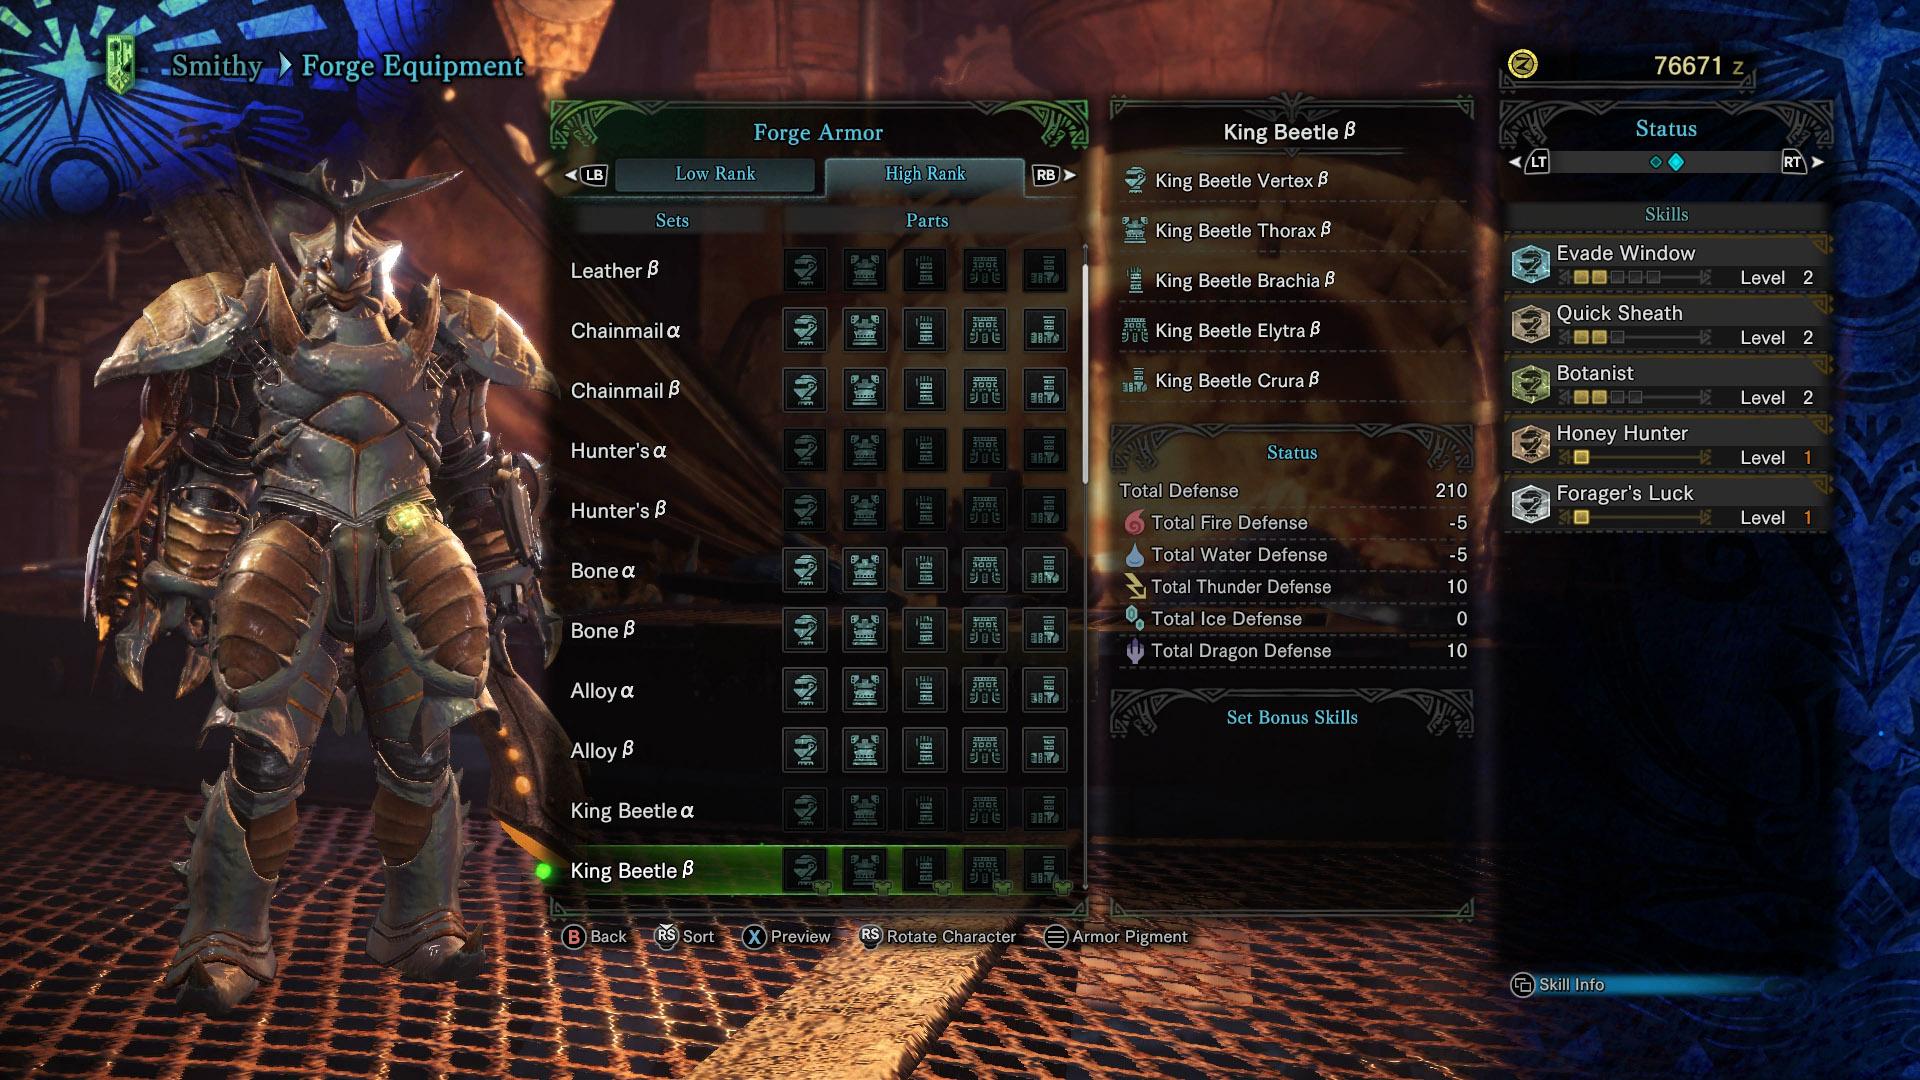 Armor in Monster Hunter World